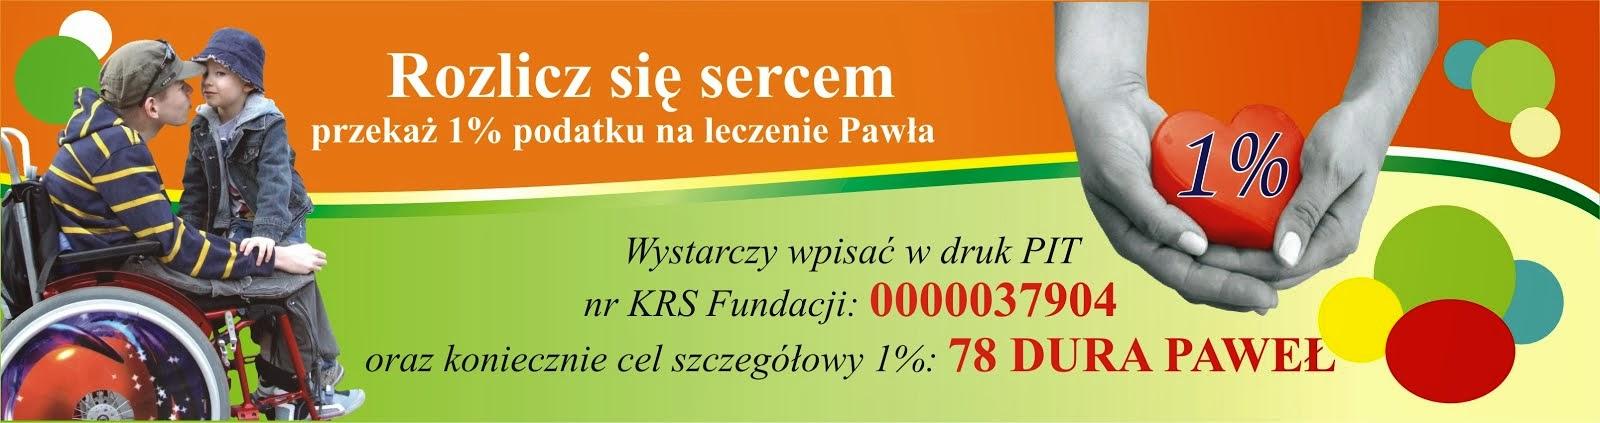 Podaruj proszę 1% podatku Pawełkowi